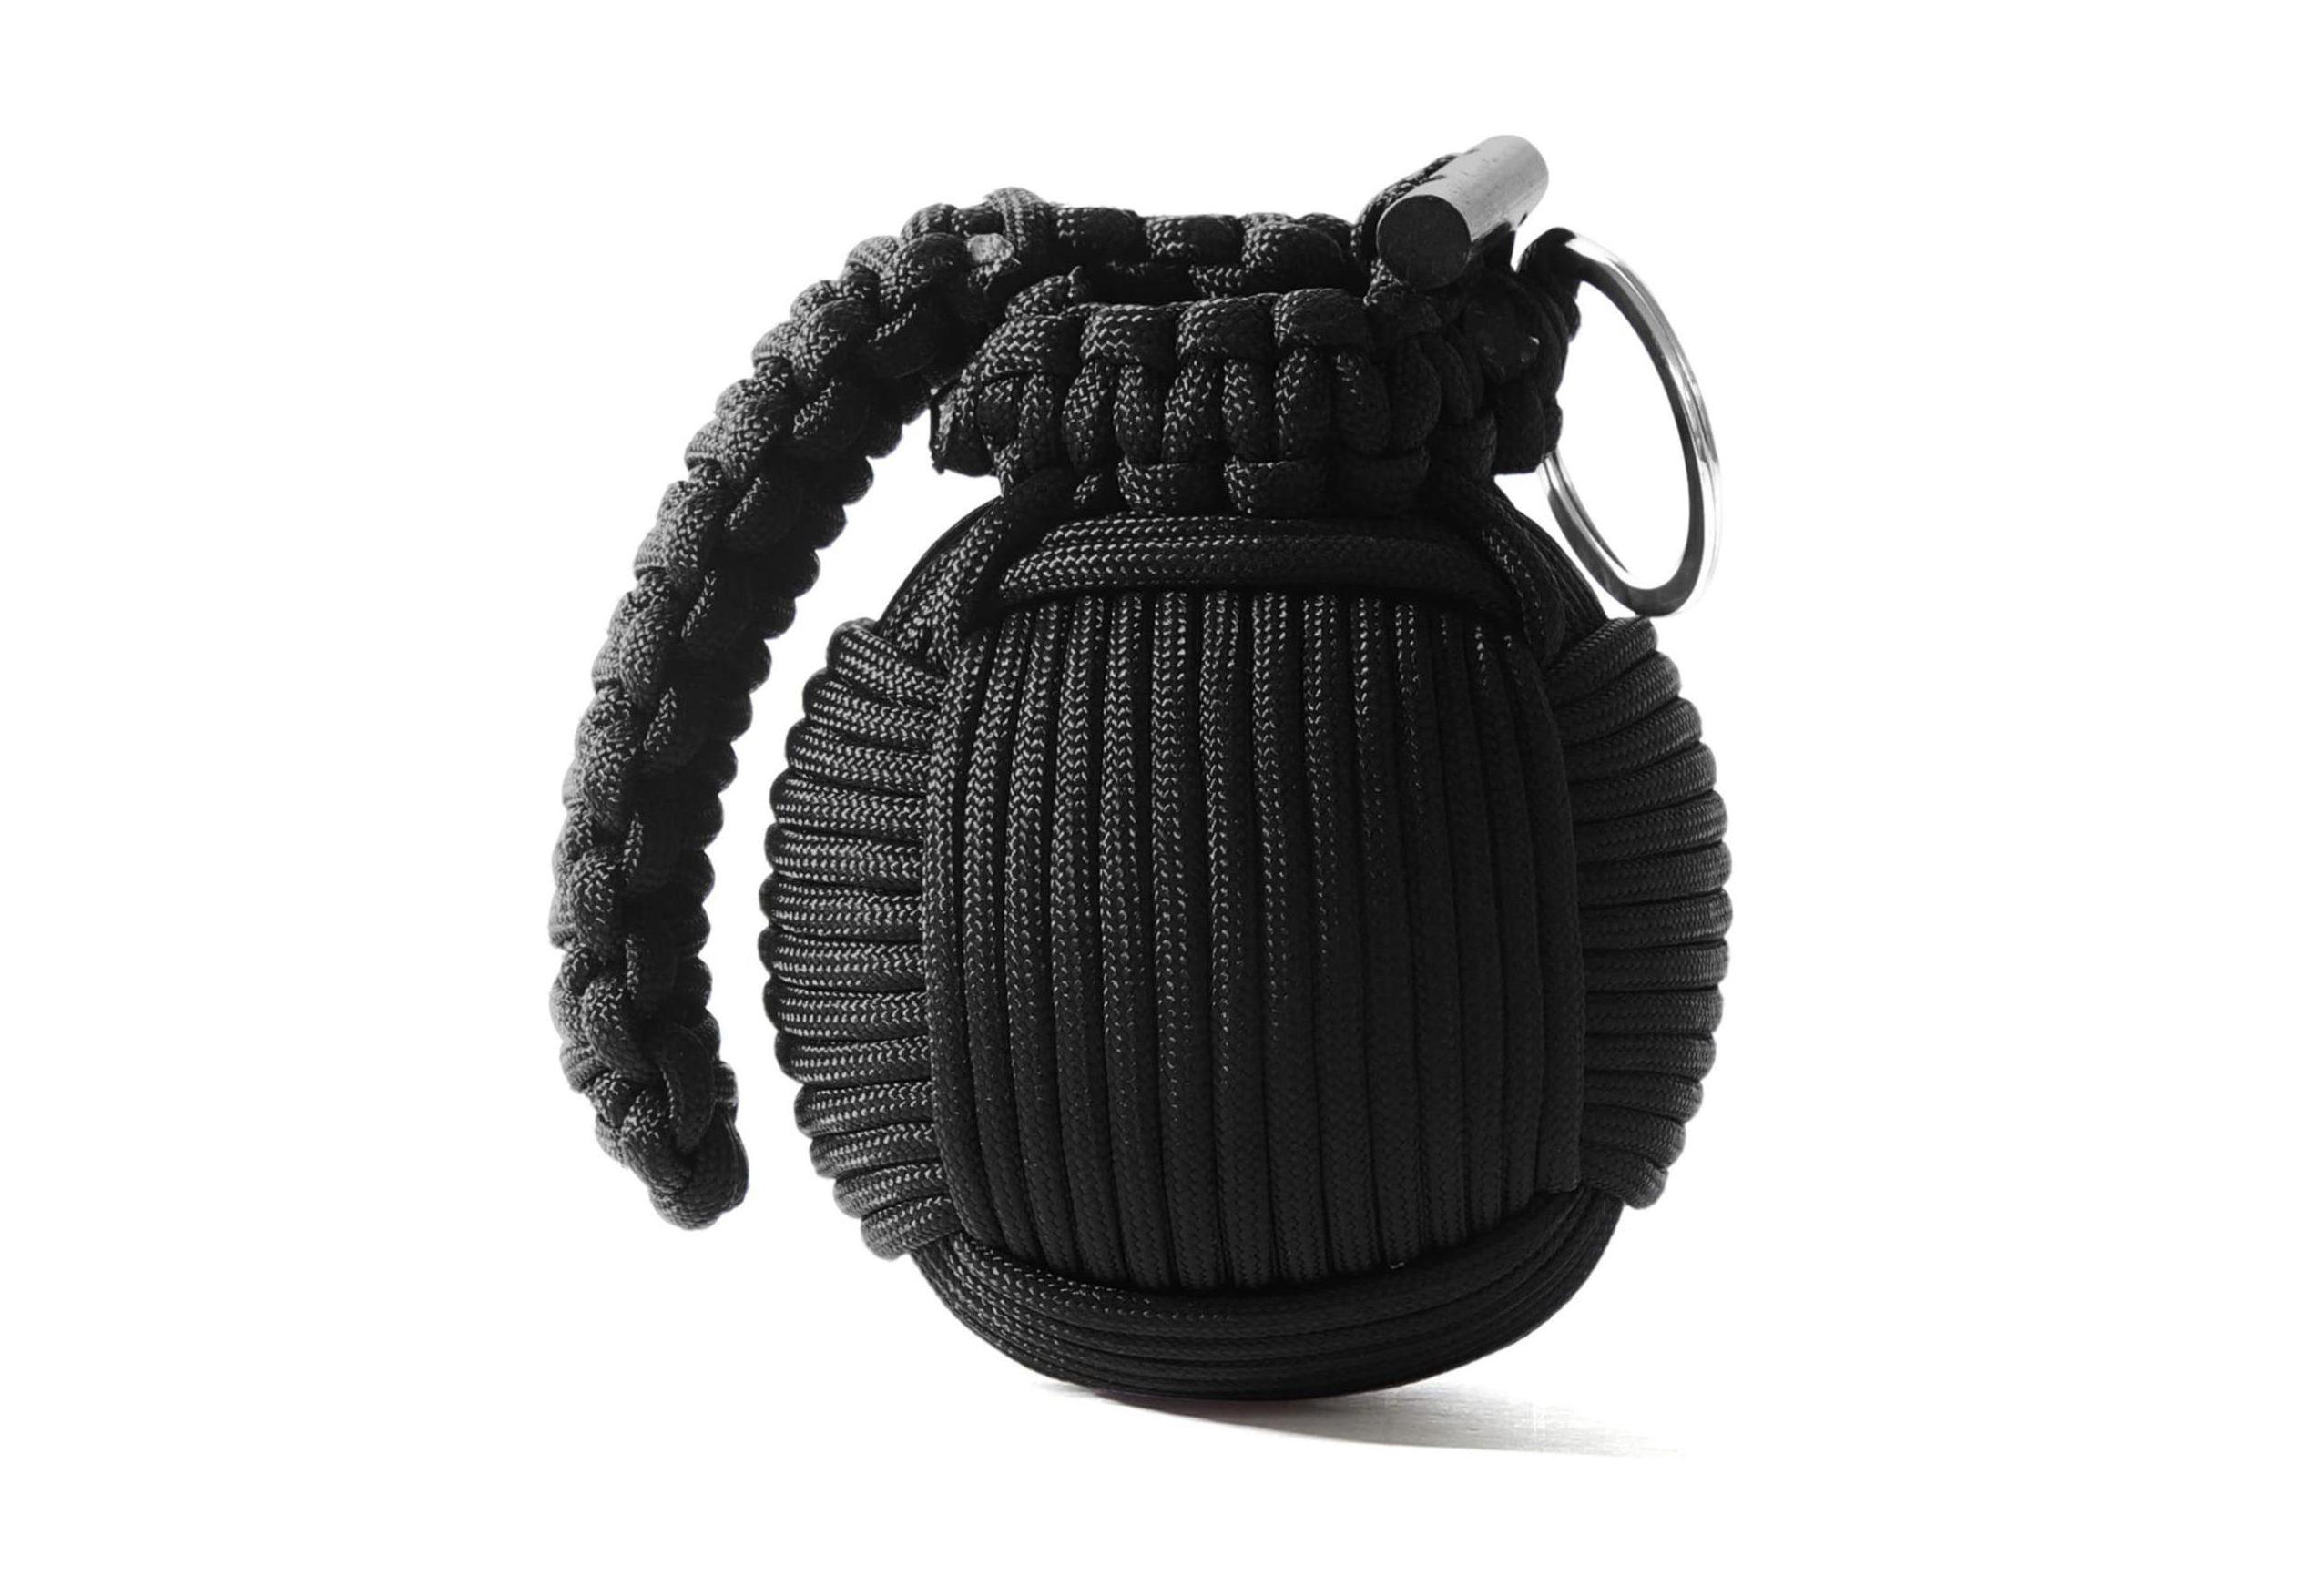 Holtzman's Survival Grenade